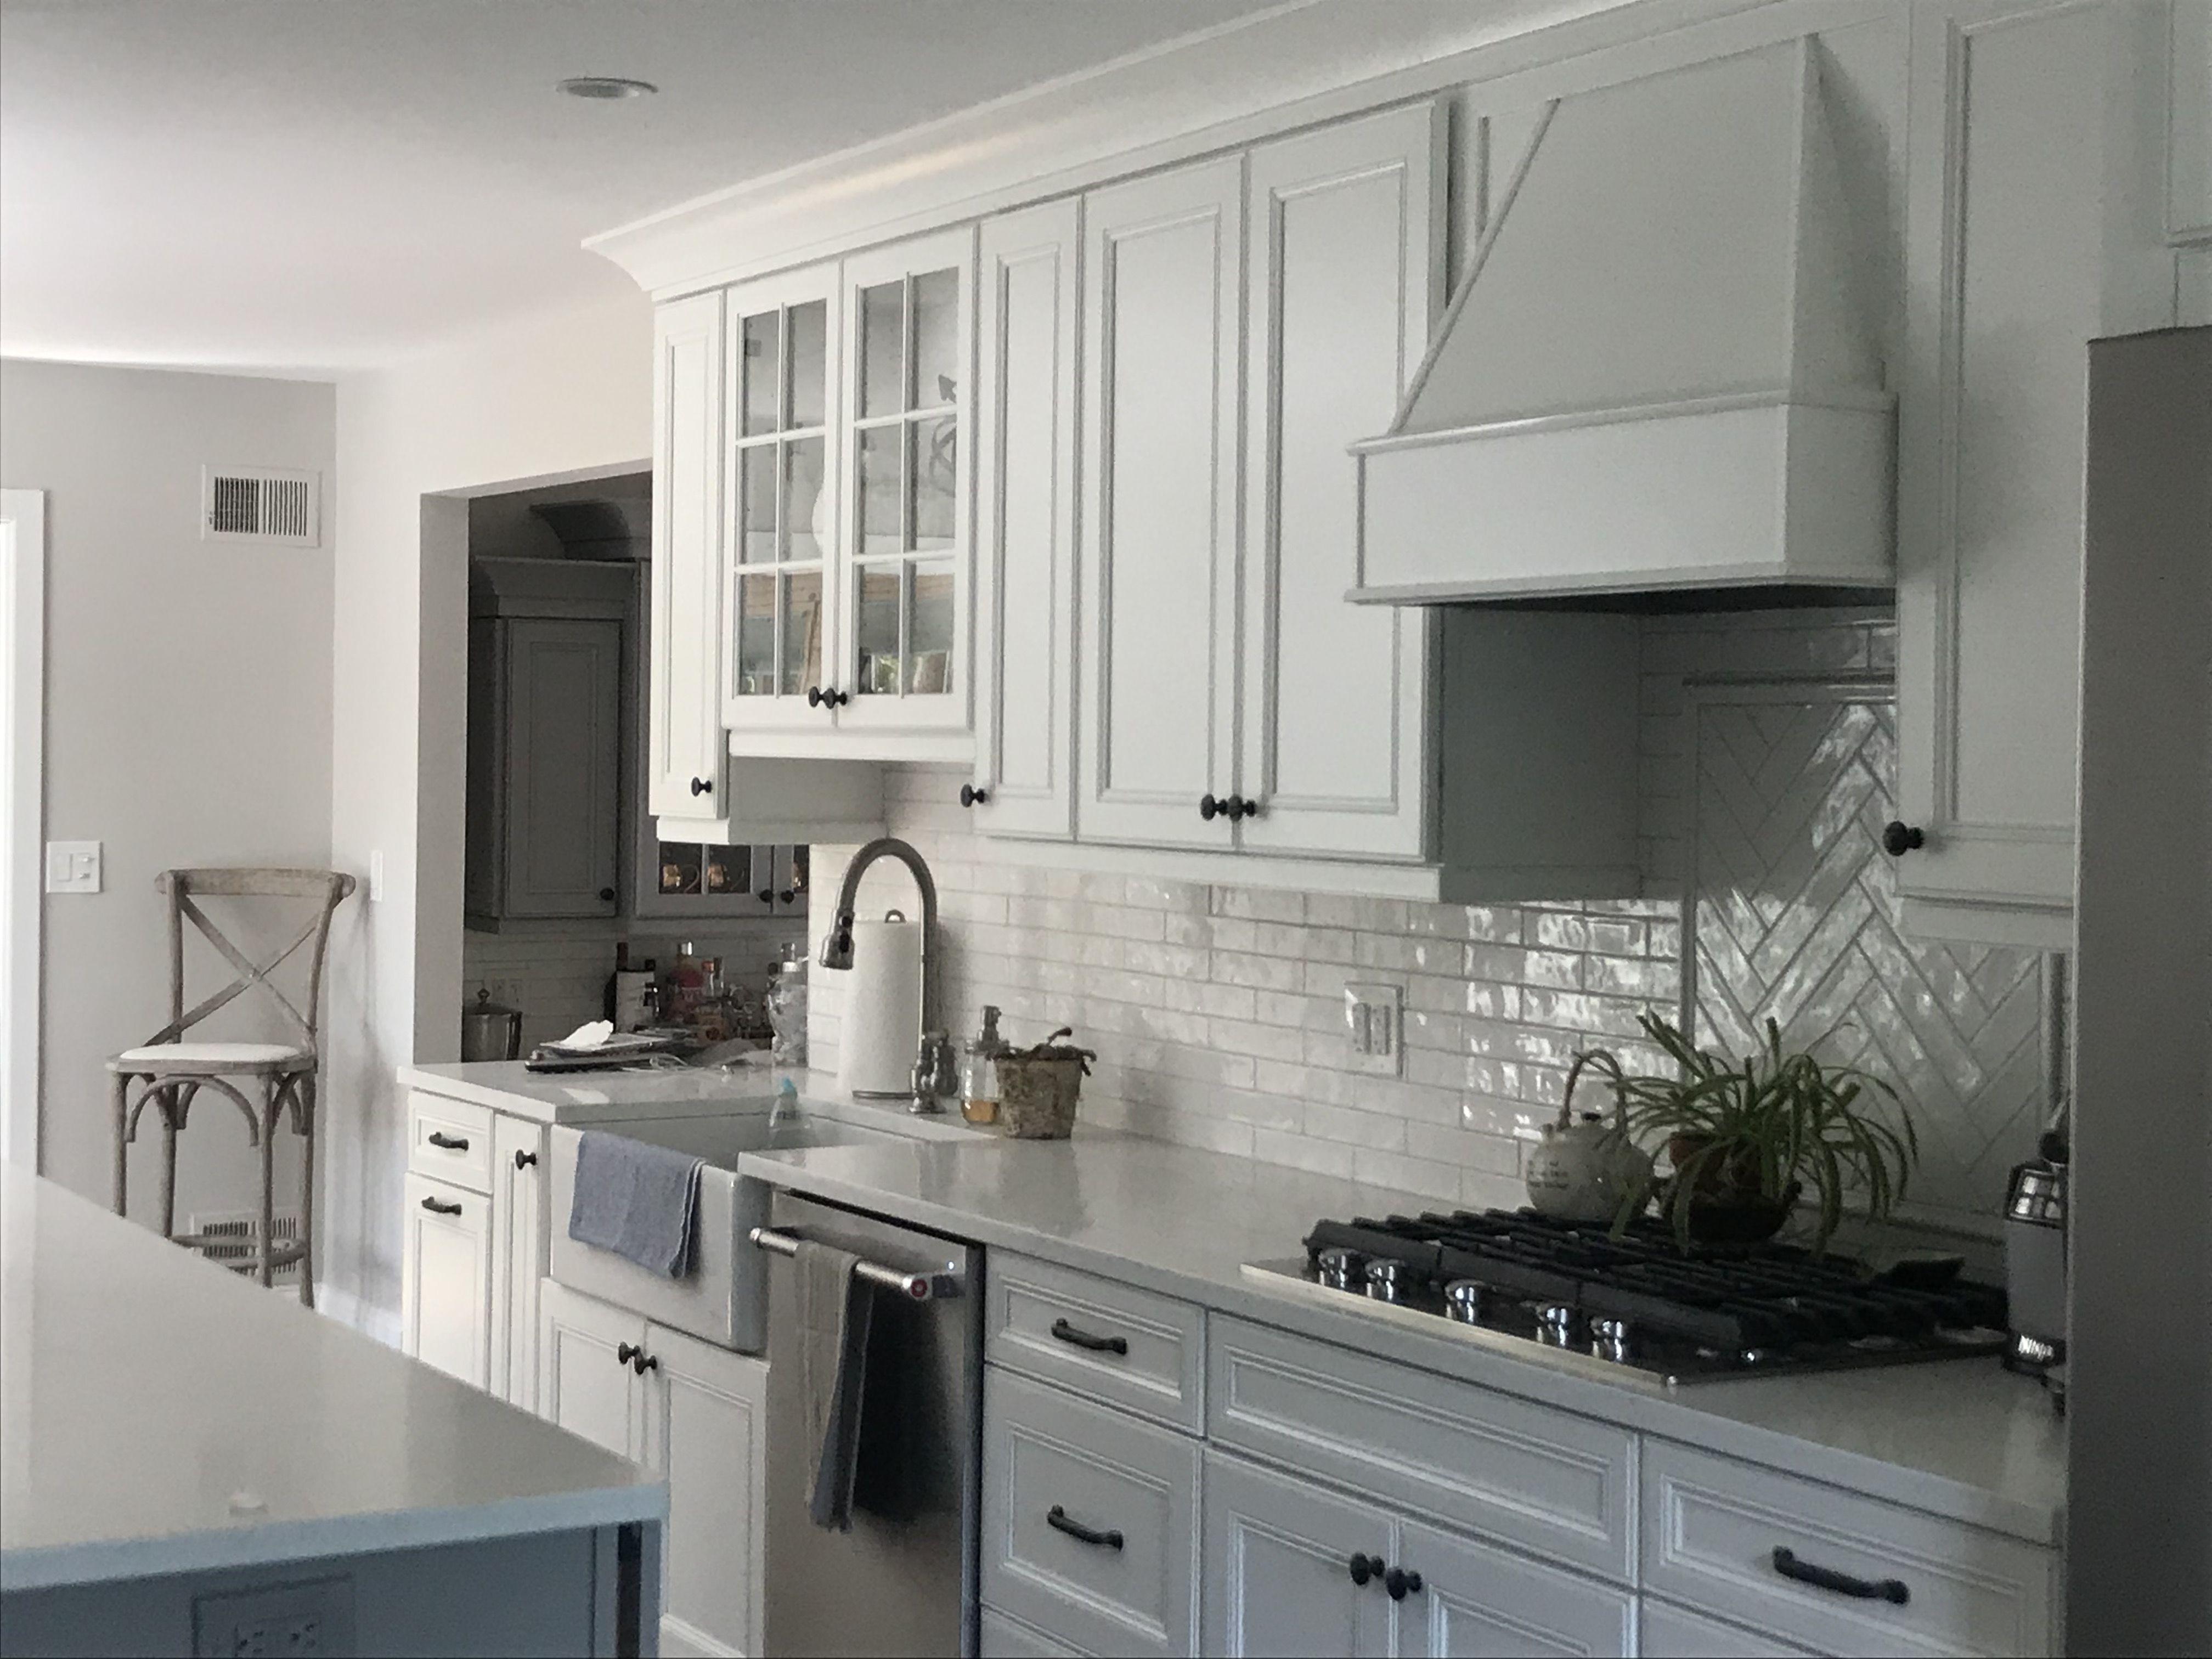 white farmhouse kitchen white backsplash blackhardware kitchen design white backsplash on farmhouse kitchen black and white id=65608